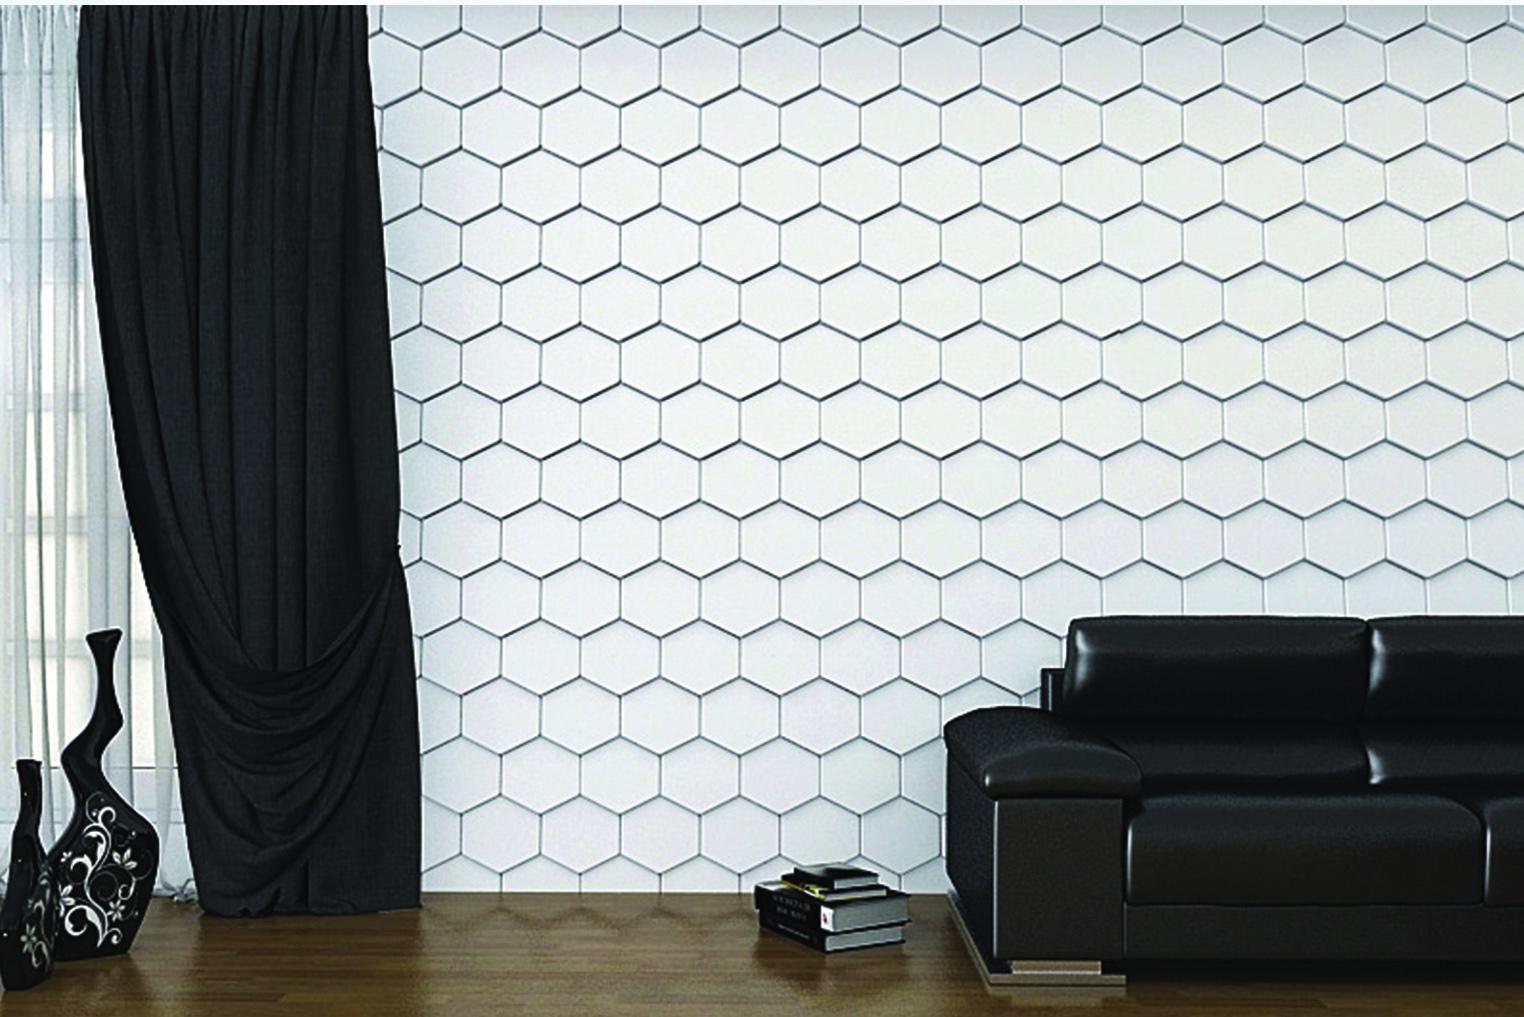 Гипсовые 3D Панели Геометрической формы по задумке декораторов-дизайнеров компании TRIMICближе всего подбираются к самым сокровенным тайнам восприятия и удовольствия.